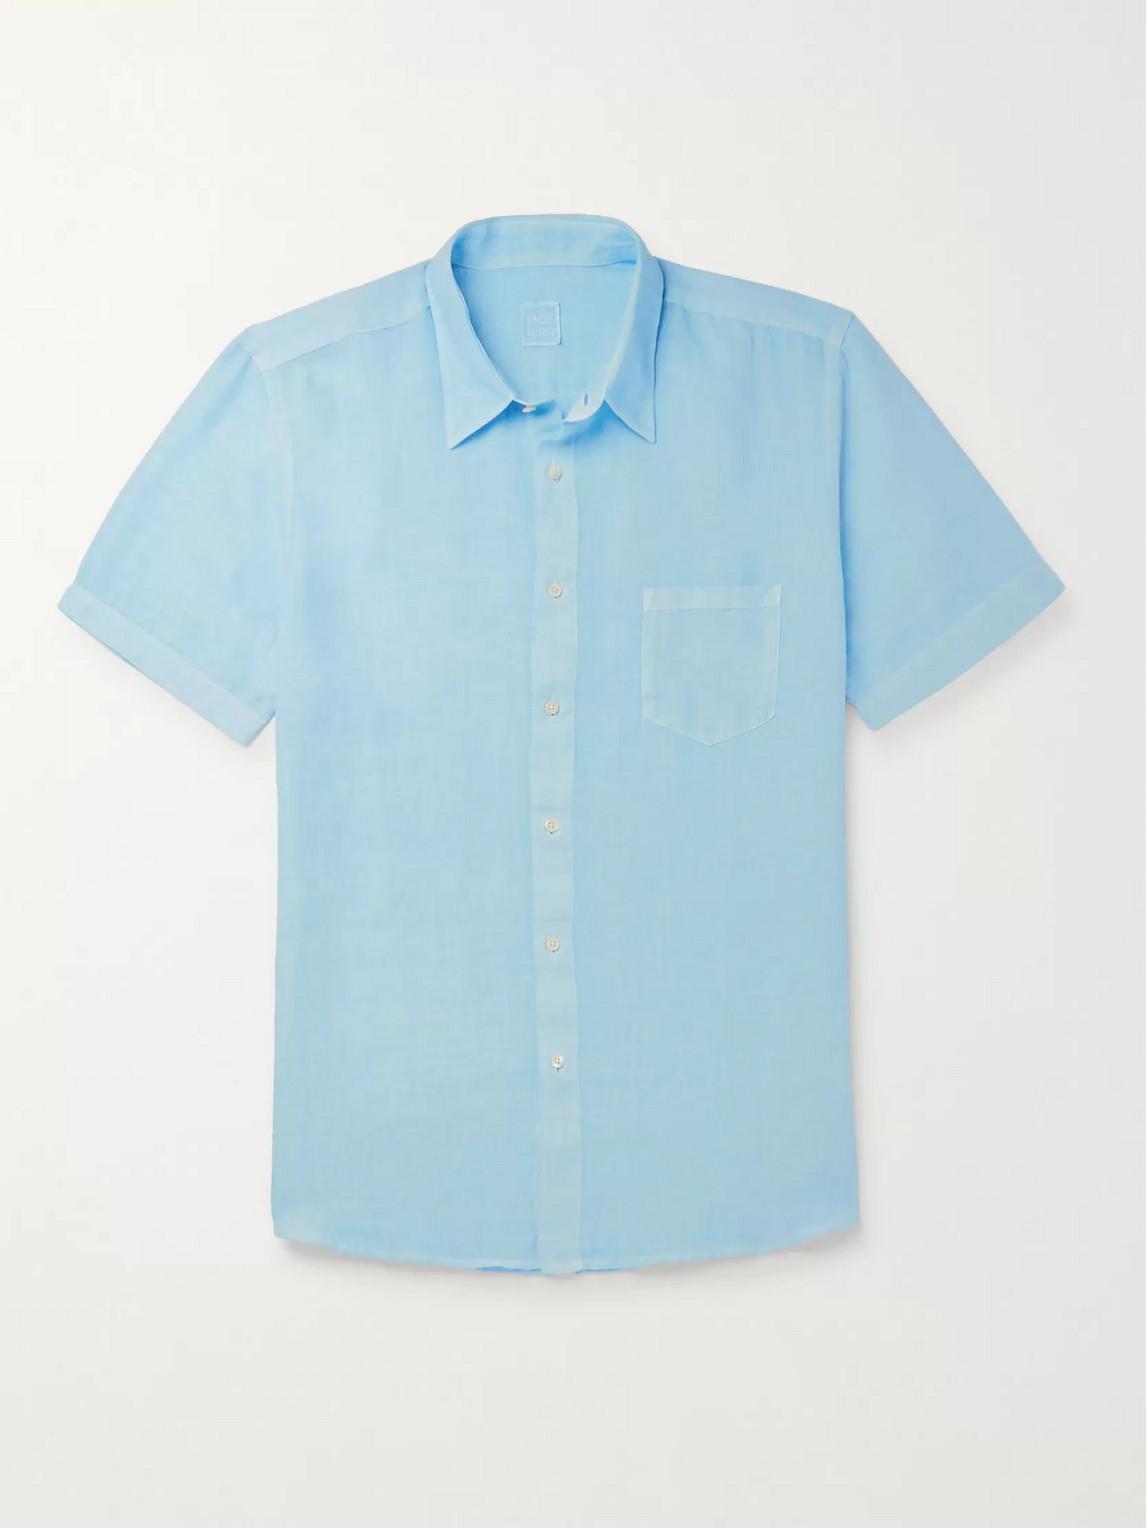 120% Linen Shirt In Blue